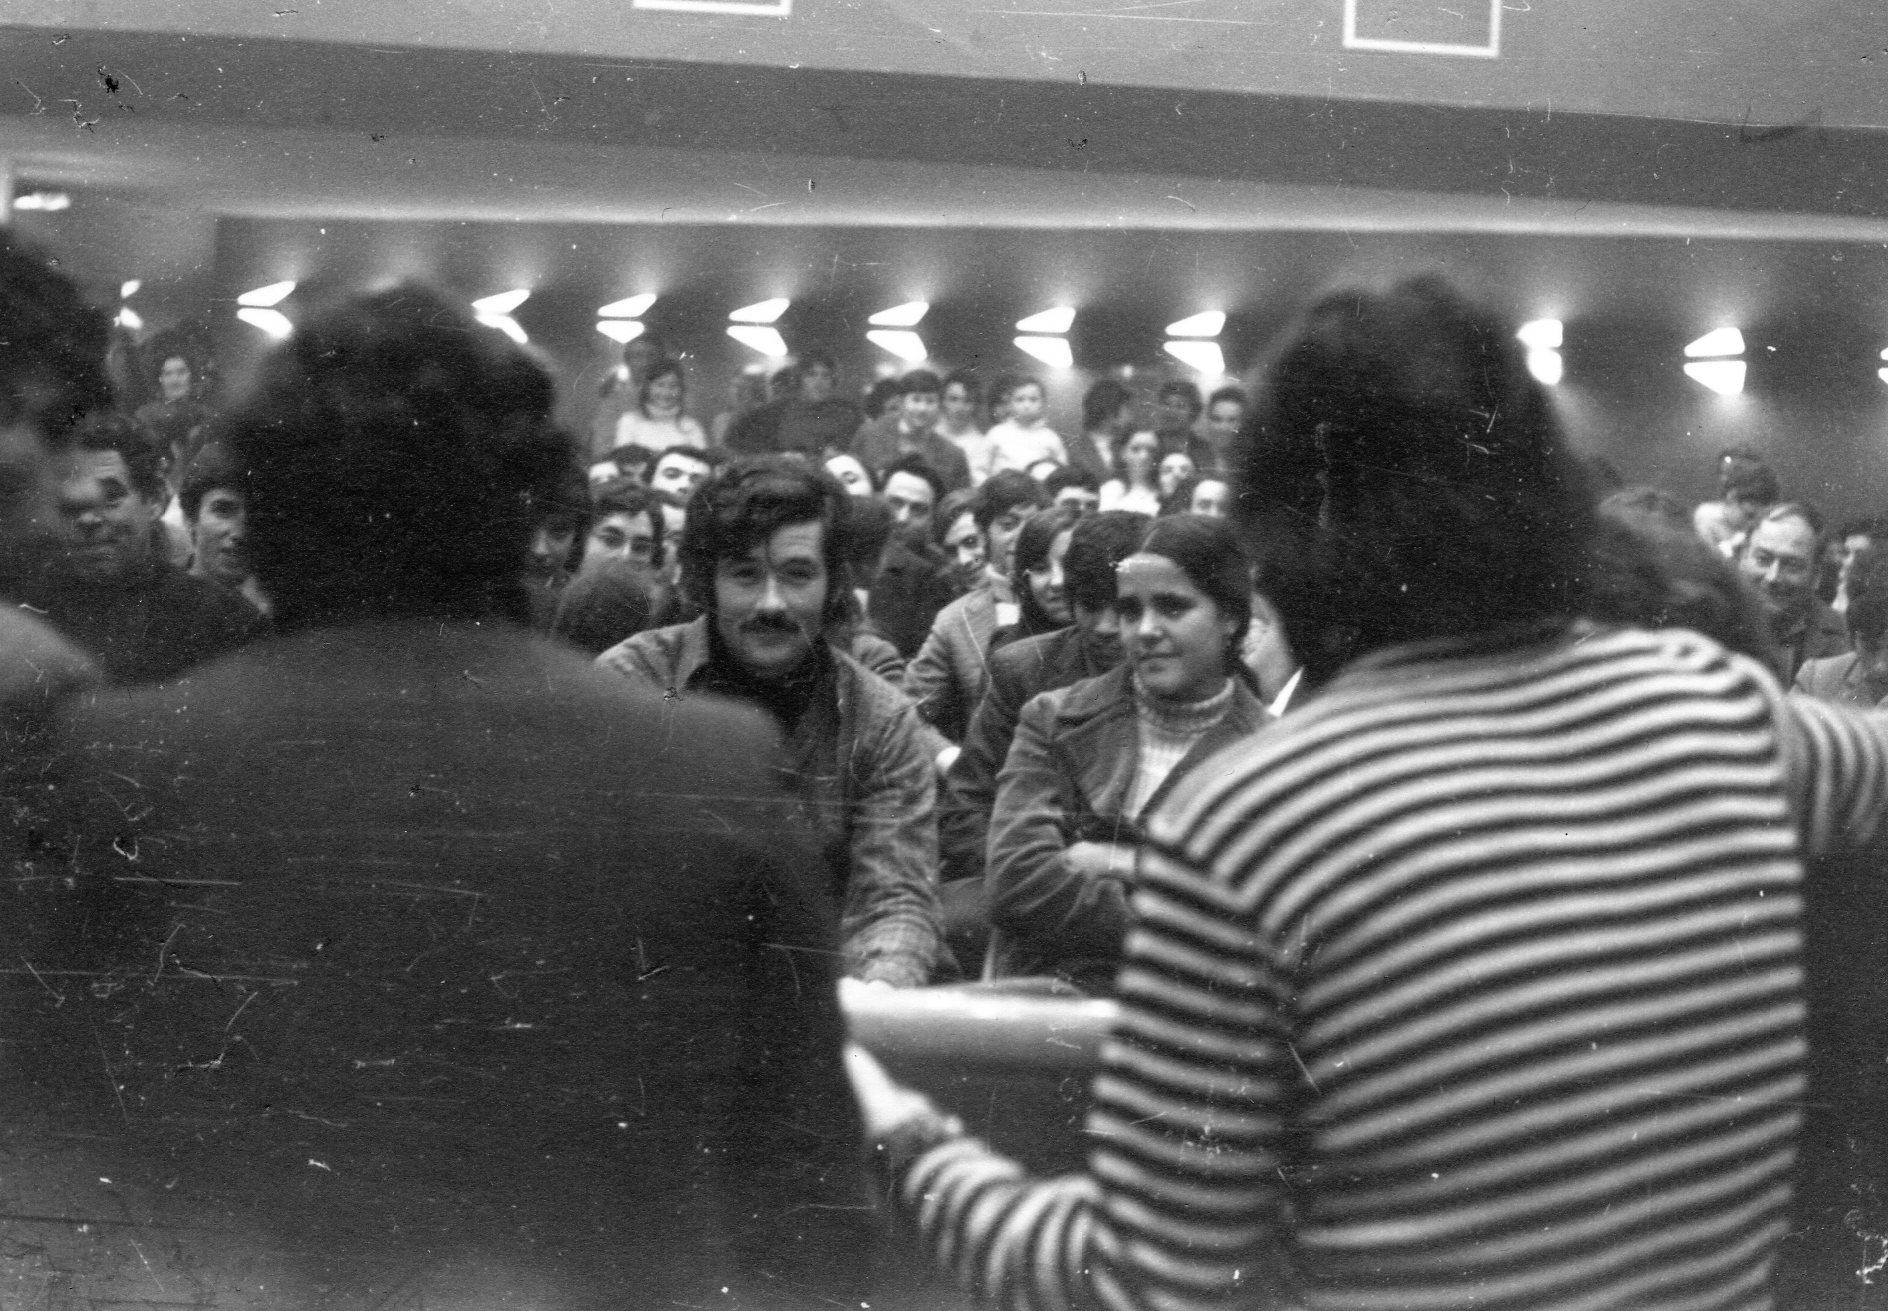 4-Teatro e Tino Flores de costas- anos 70:Grenoble copie 2